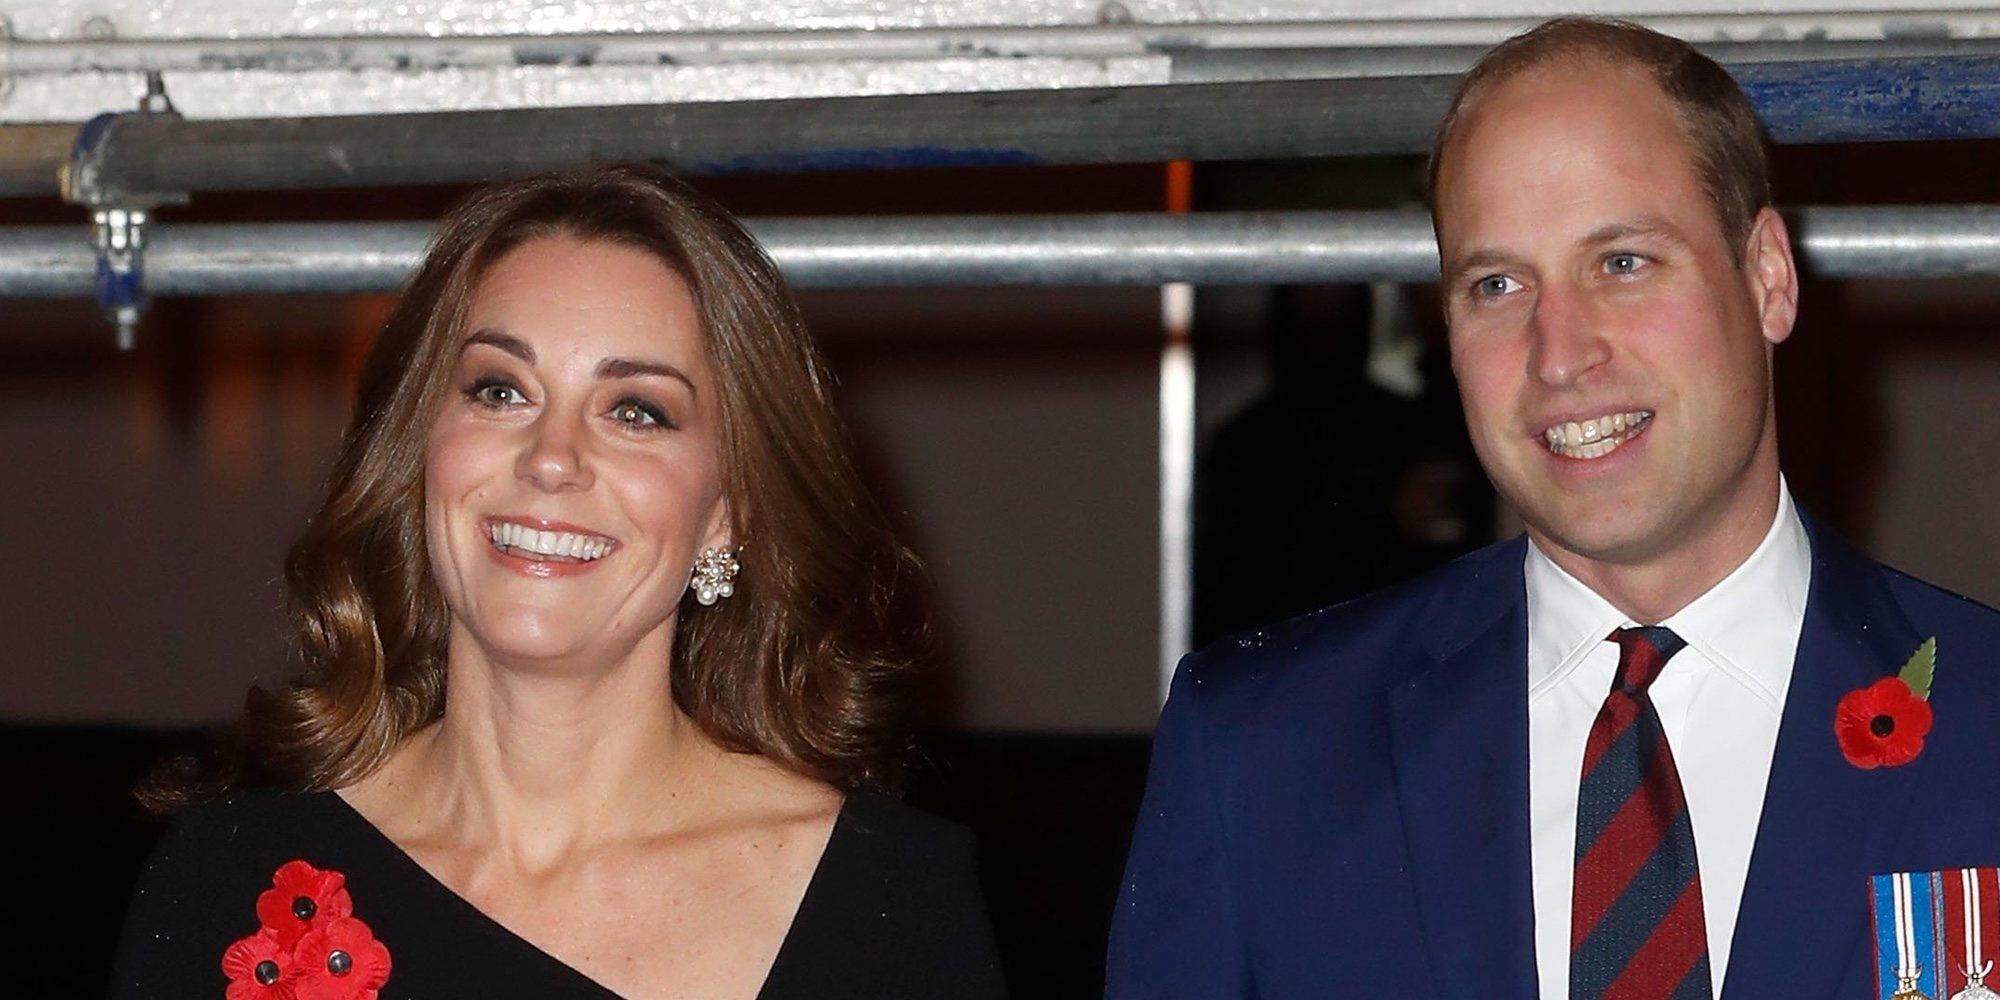 El Príncipe Guillermo y Kate Middleton ya conocen a su sobrino Archie Harrison